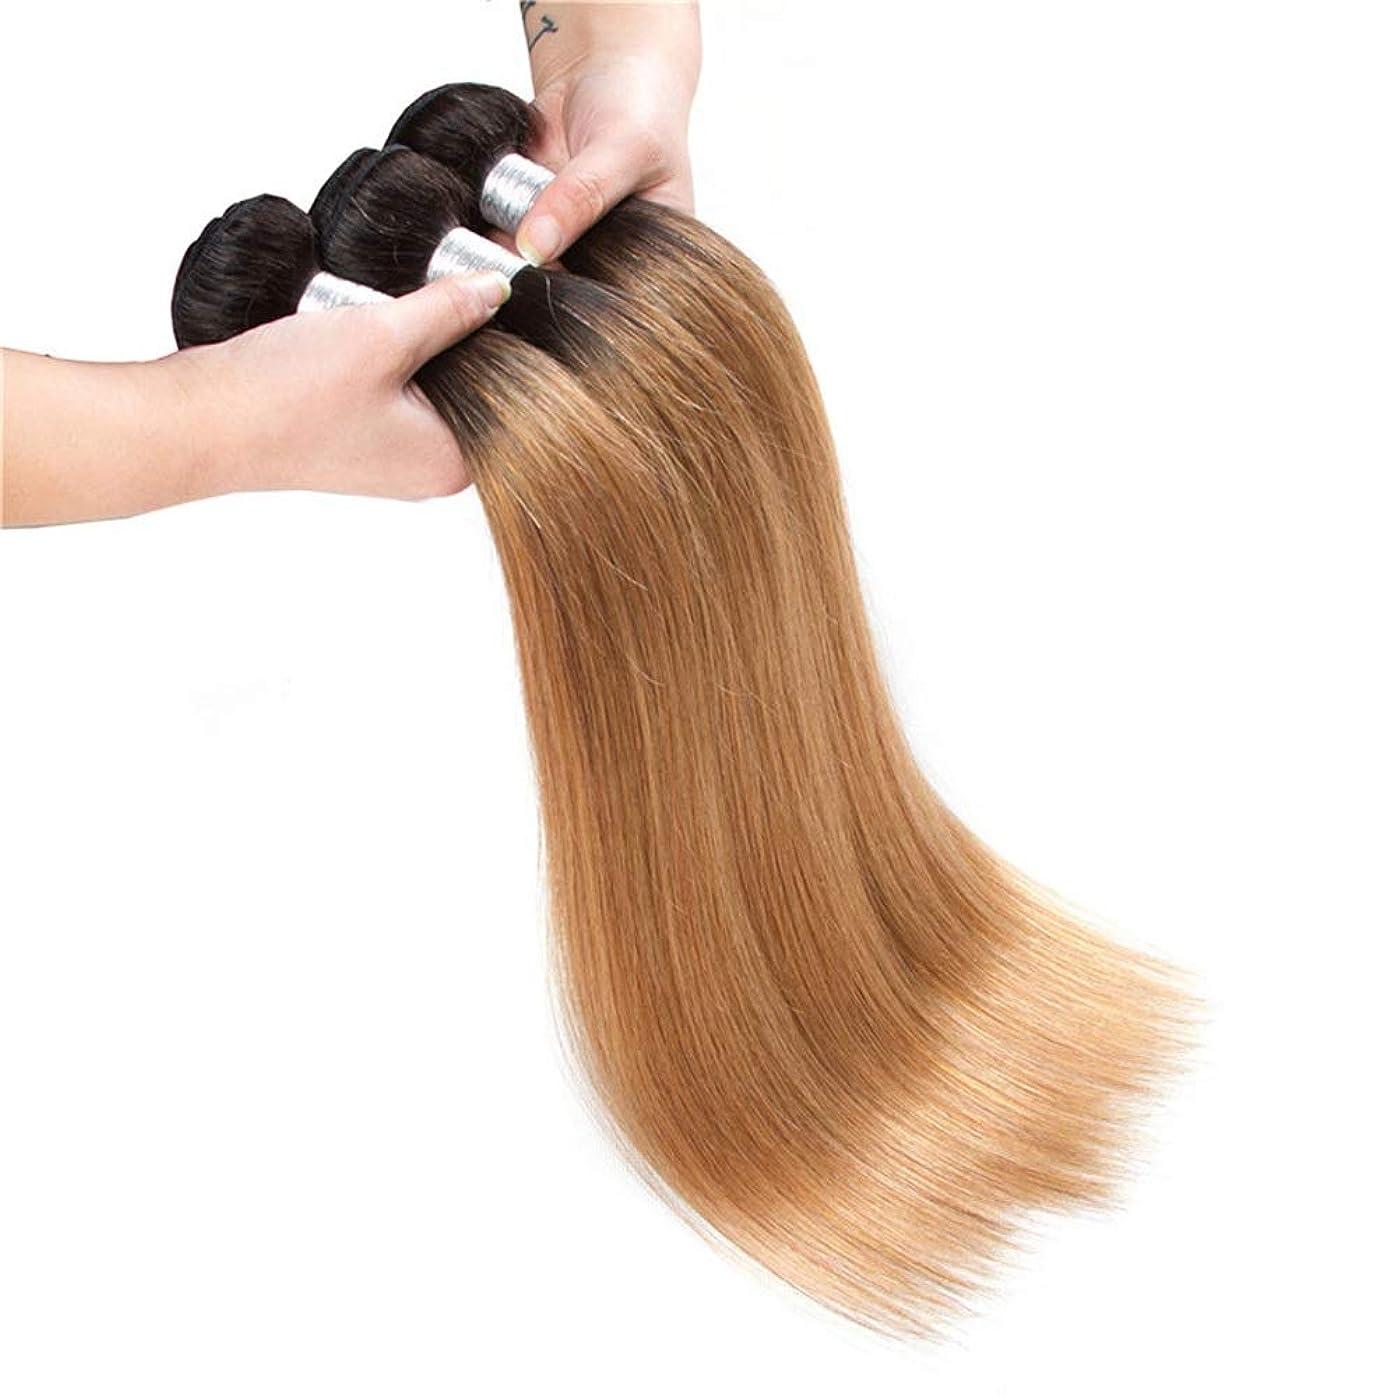 受ける品揃えバリーBOBIDYEE 100%のremy人間の髪のよこ糸の延長10インチ26インチ1バンドルカラー1B / 27黒から茶色への2色カラーブラウンかつらロングブラウンかつらかつら (色 : ブラウン, サイズ : 24 inch)